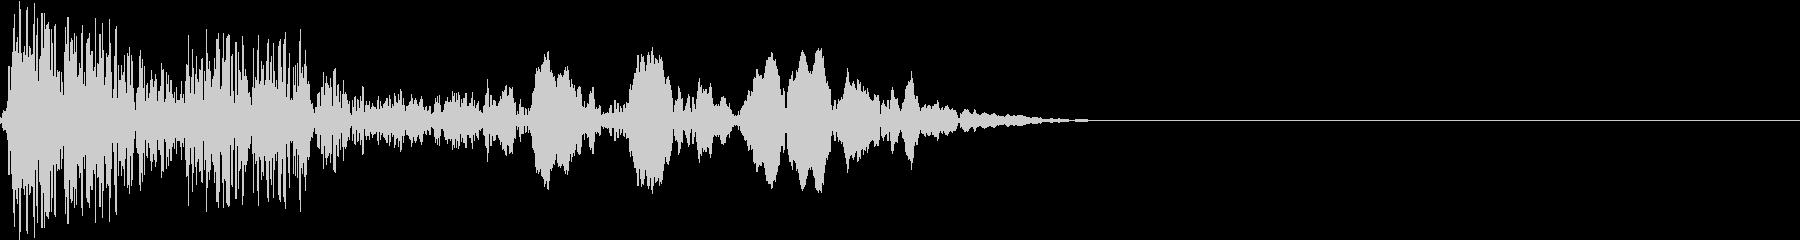 宇宙人の鳴き声1の未再生の波形